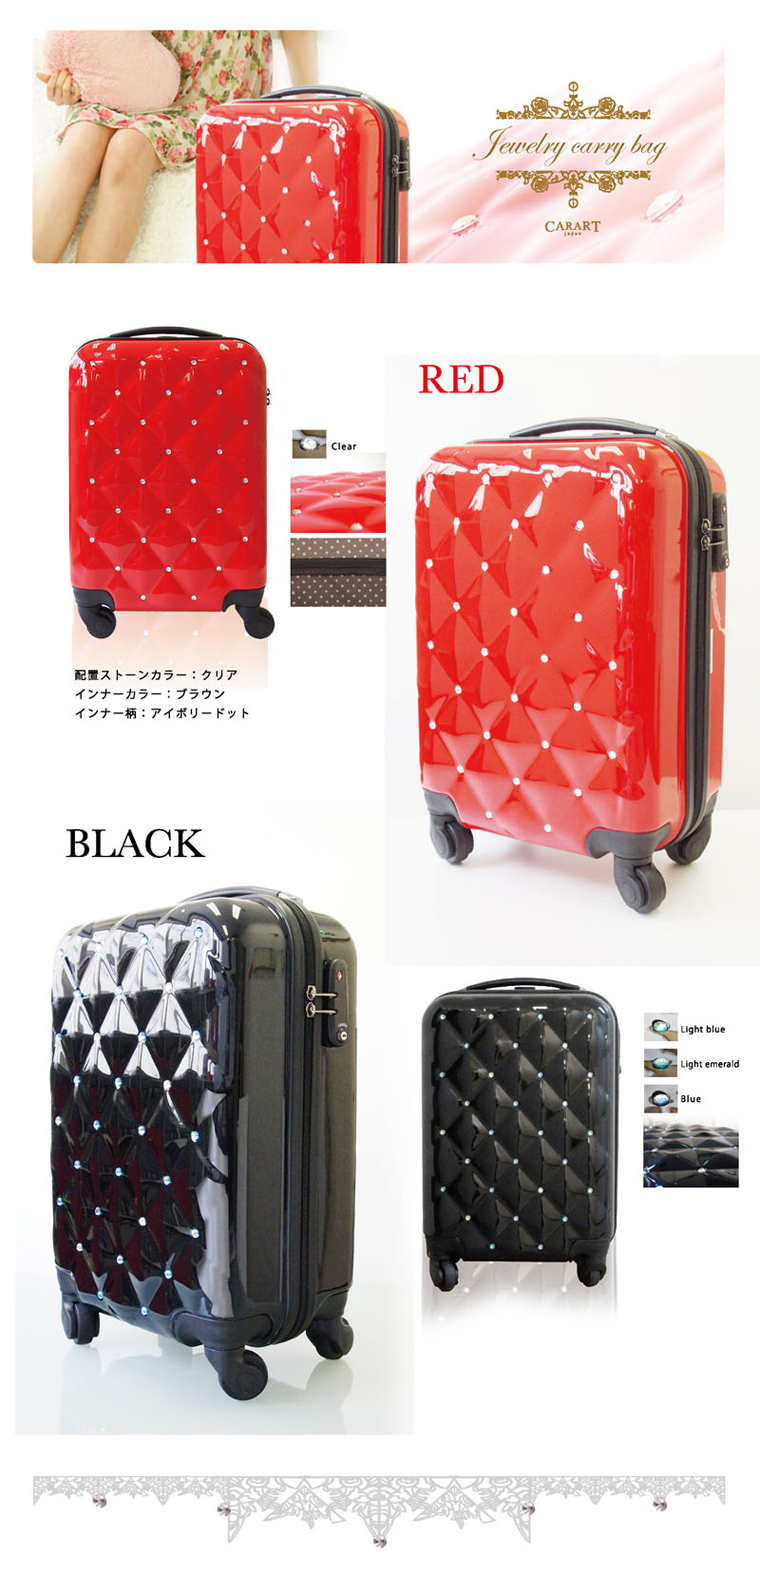 ジュエリースーツケースのかわいいさと使いやすさポイント